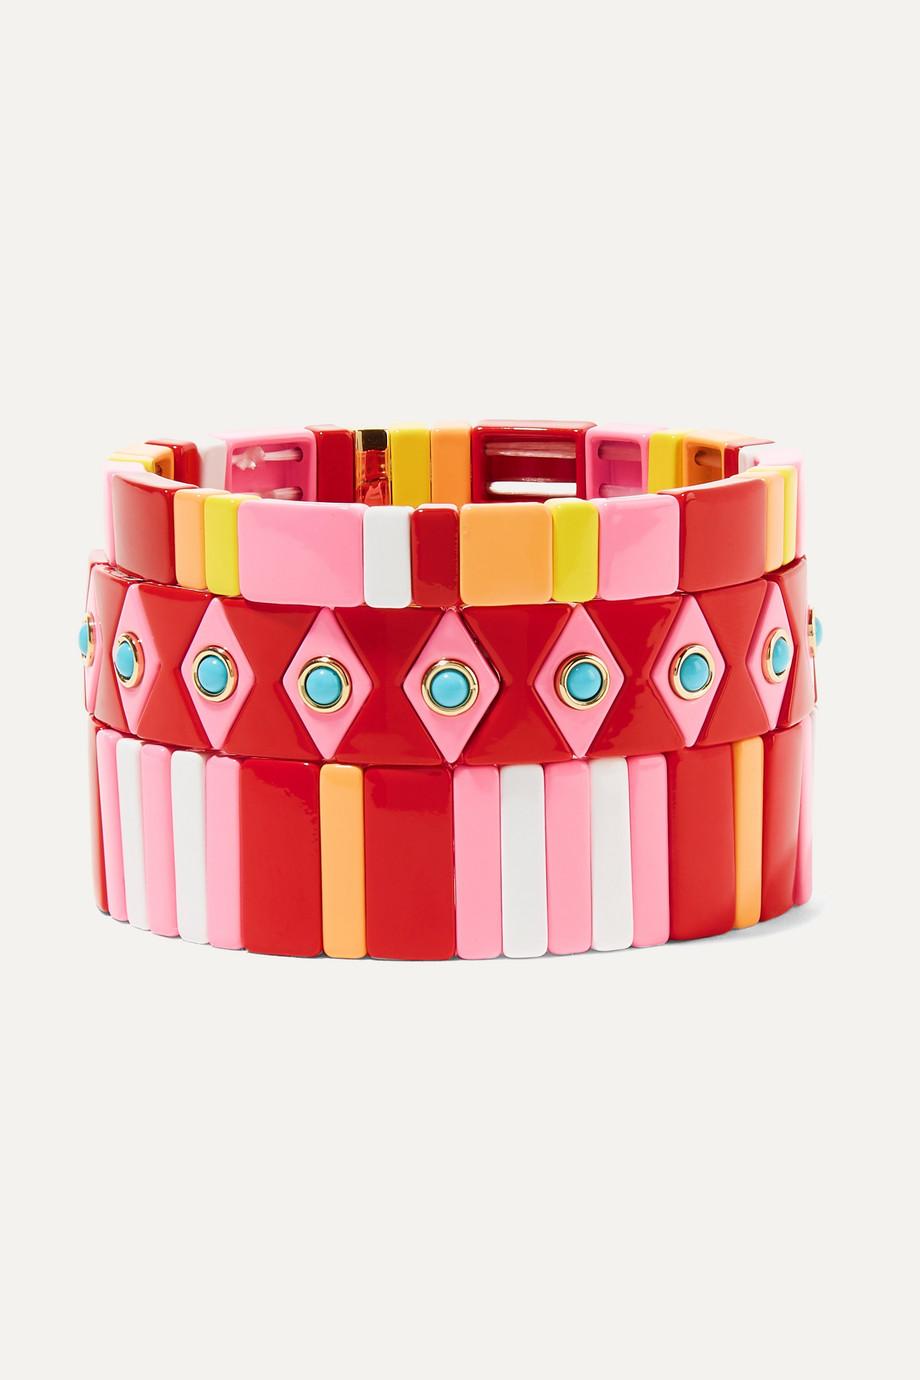 록산느 애슐린 팔찌 Roxanne Assoulin Hibiscus set of three enamel bracelets,Pink